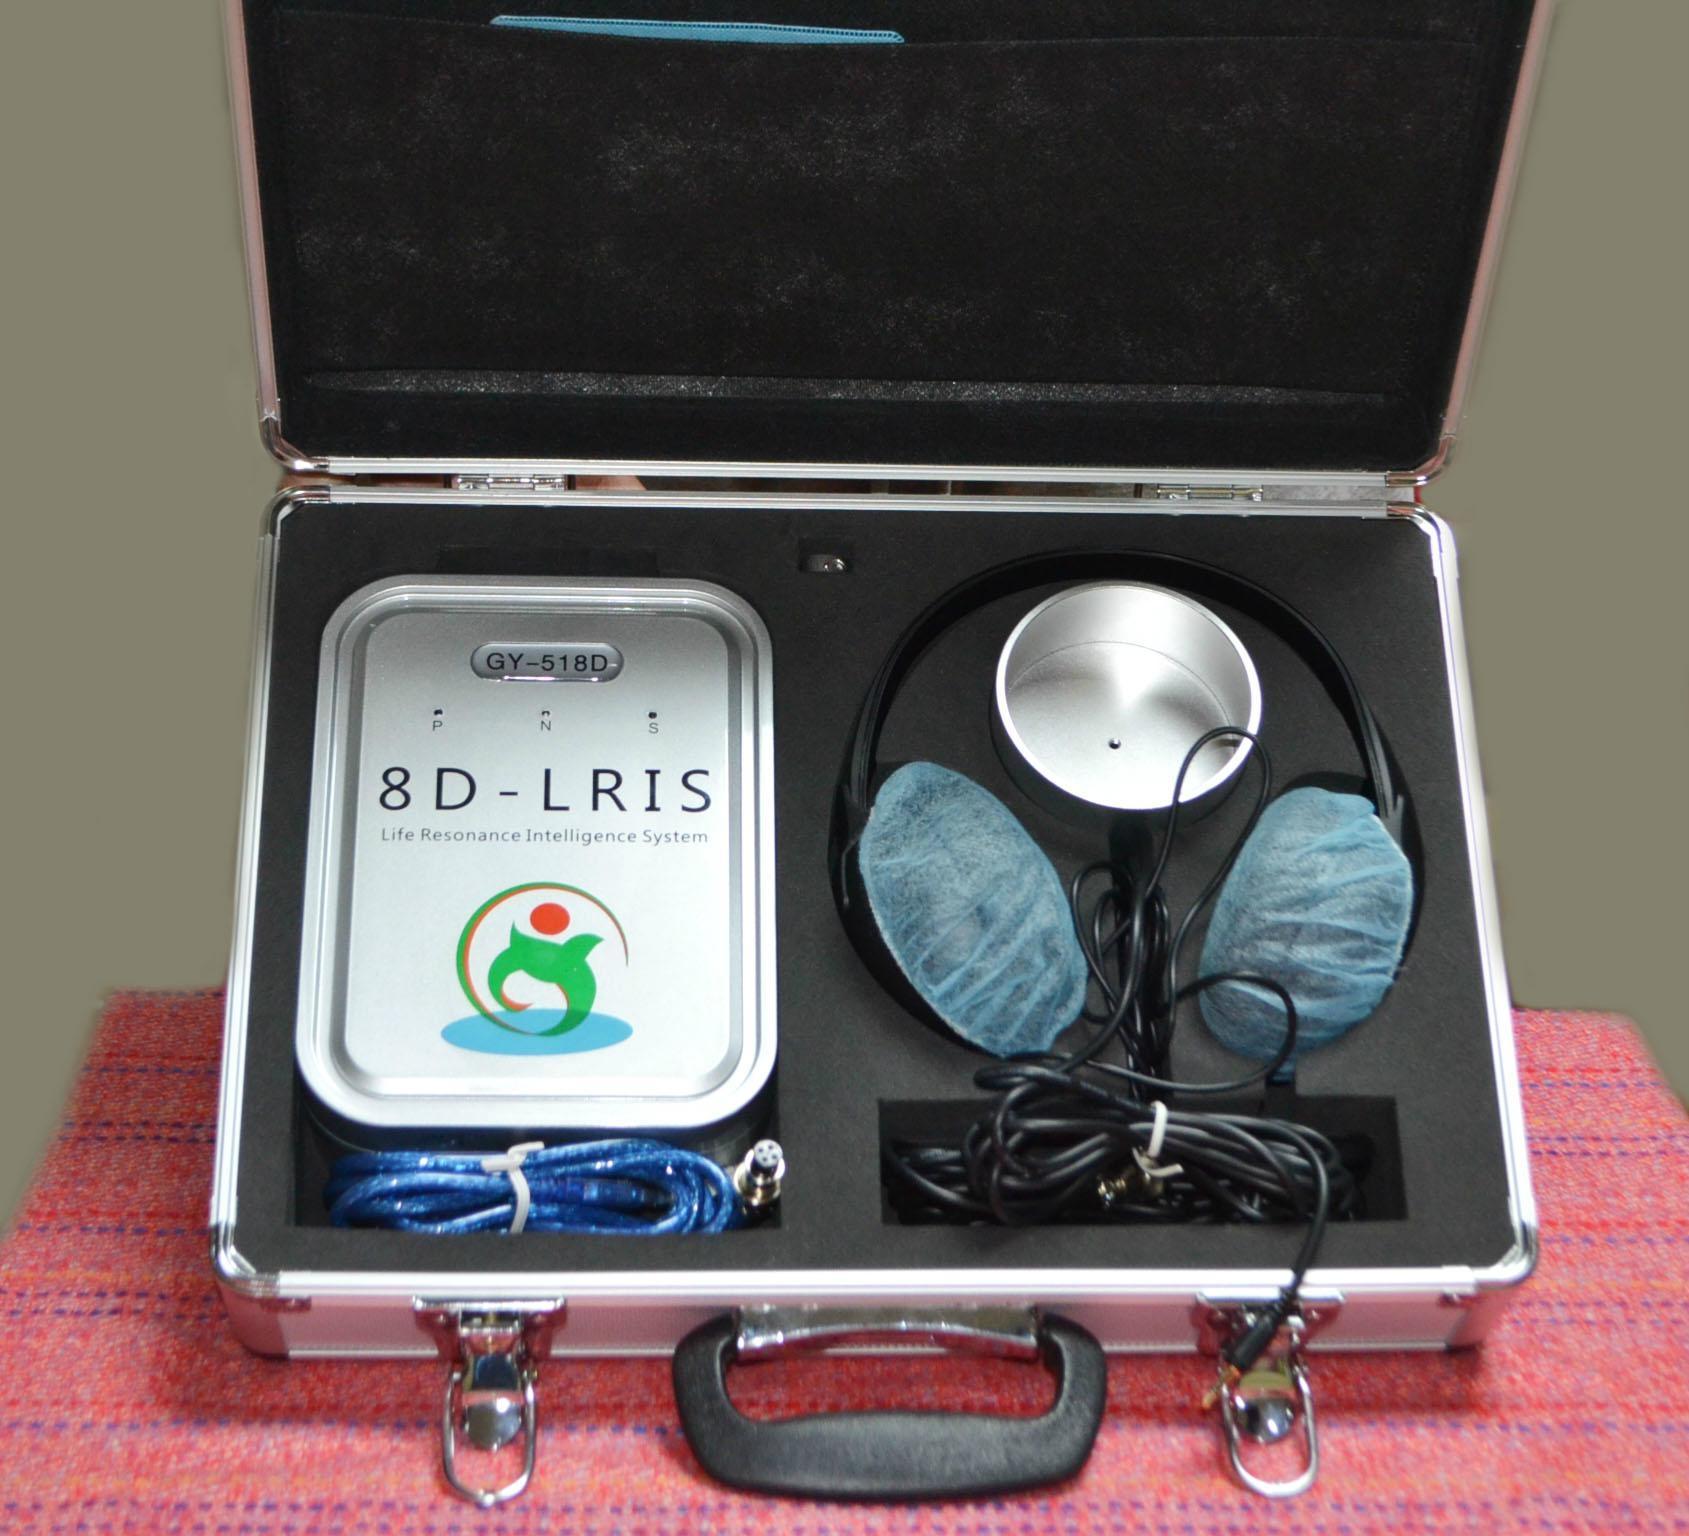 西班牙語版本矢量8D LRIS NLS全身細胞分析儀掃描設備 8